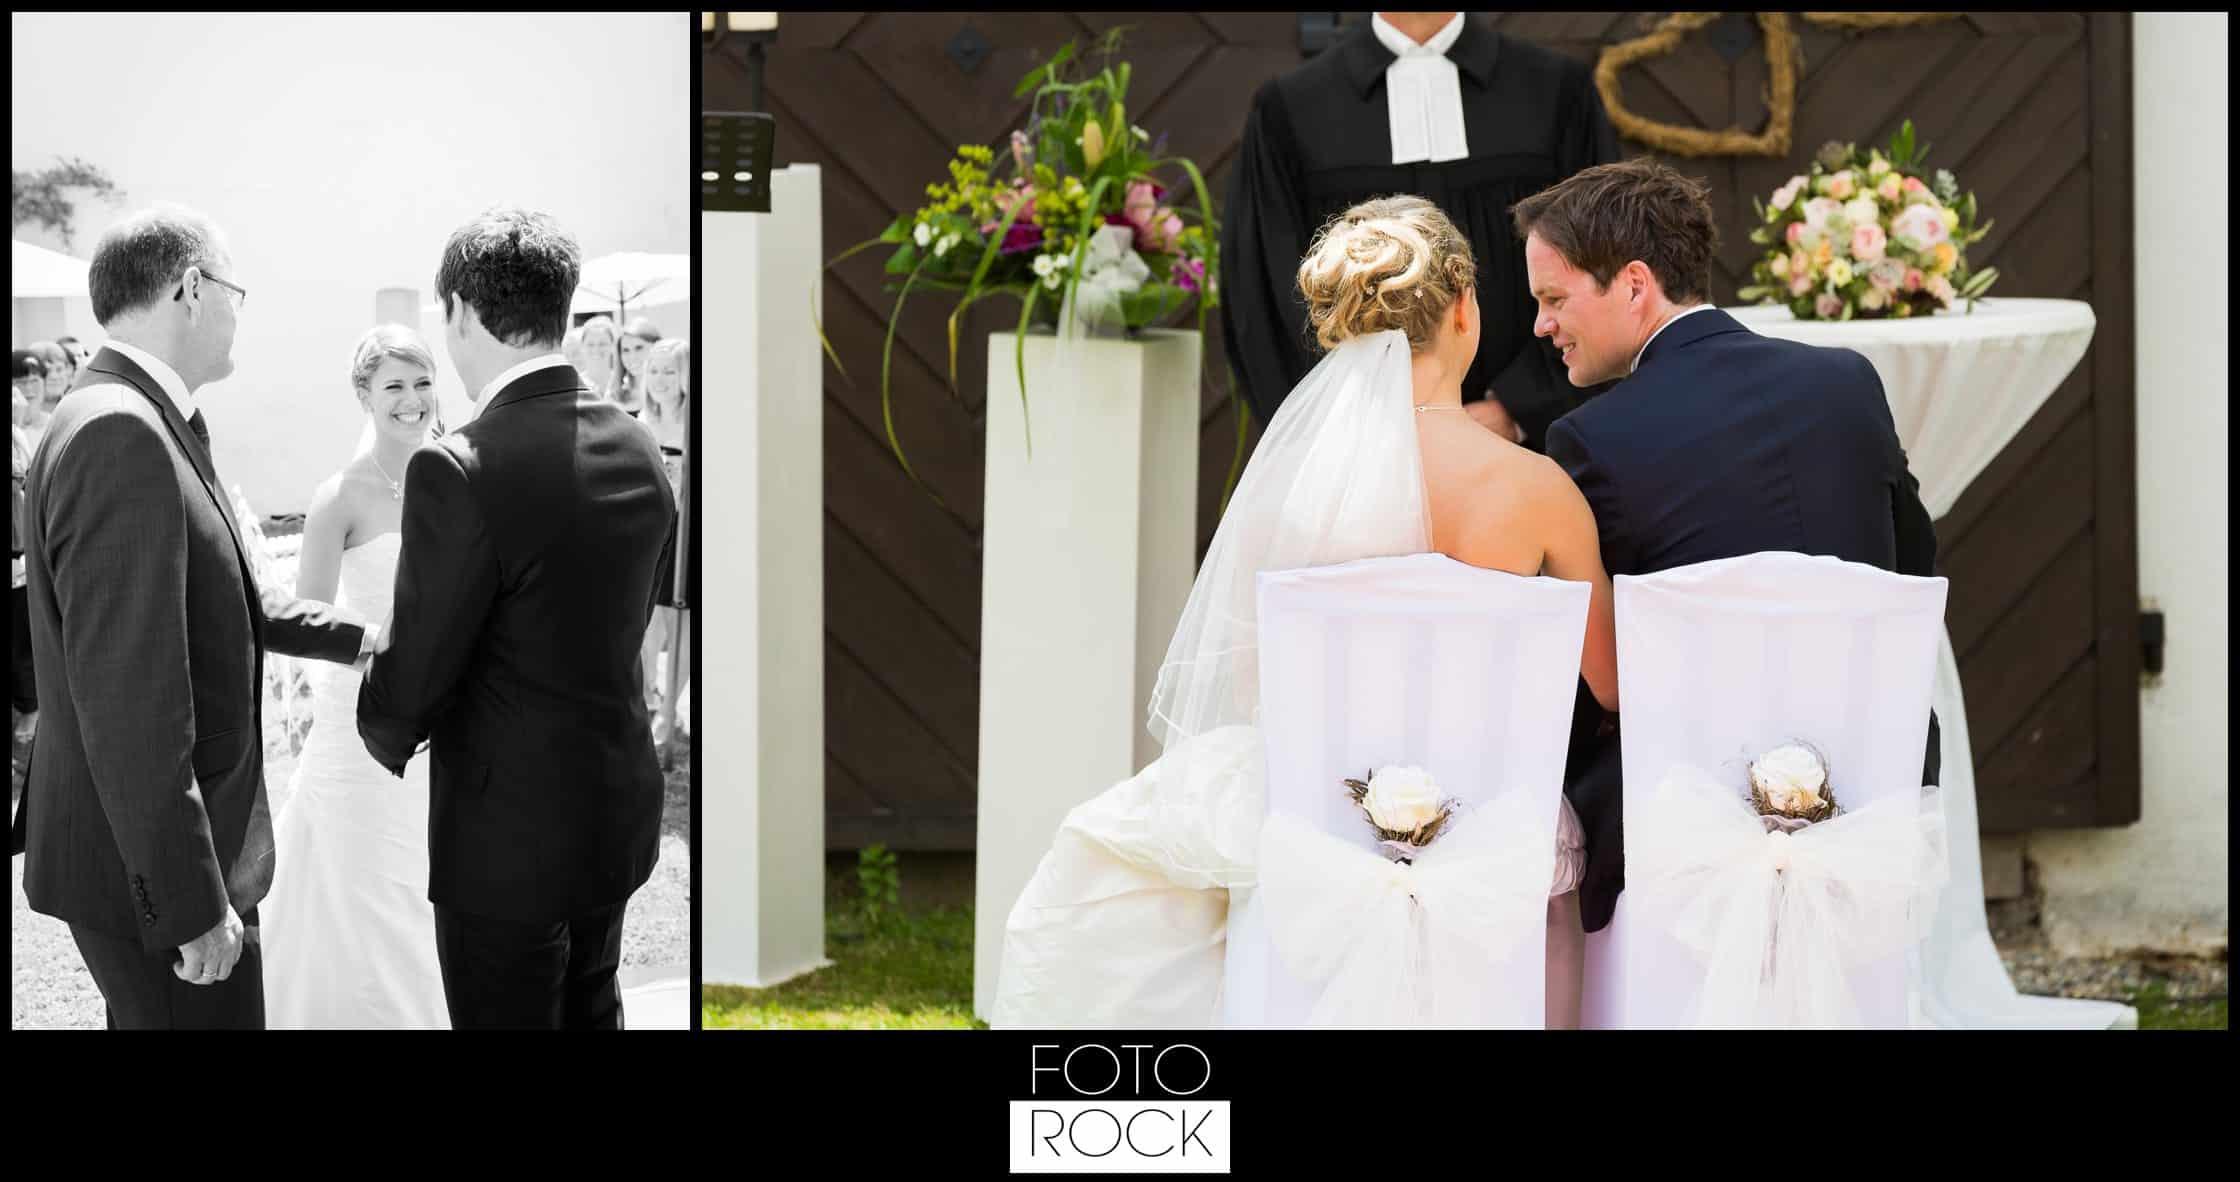 Hochzeit Lilienhof Ihringen Brautpaar Trauung Wedding Chairs Blumen